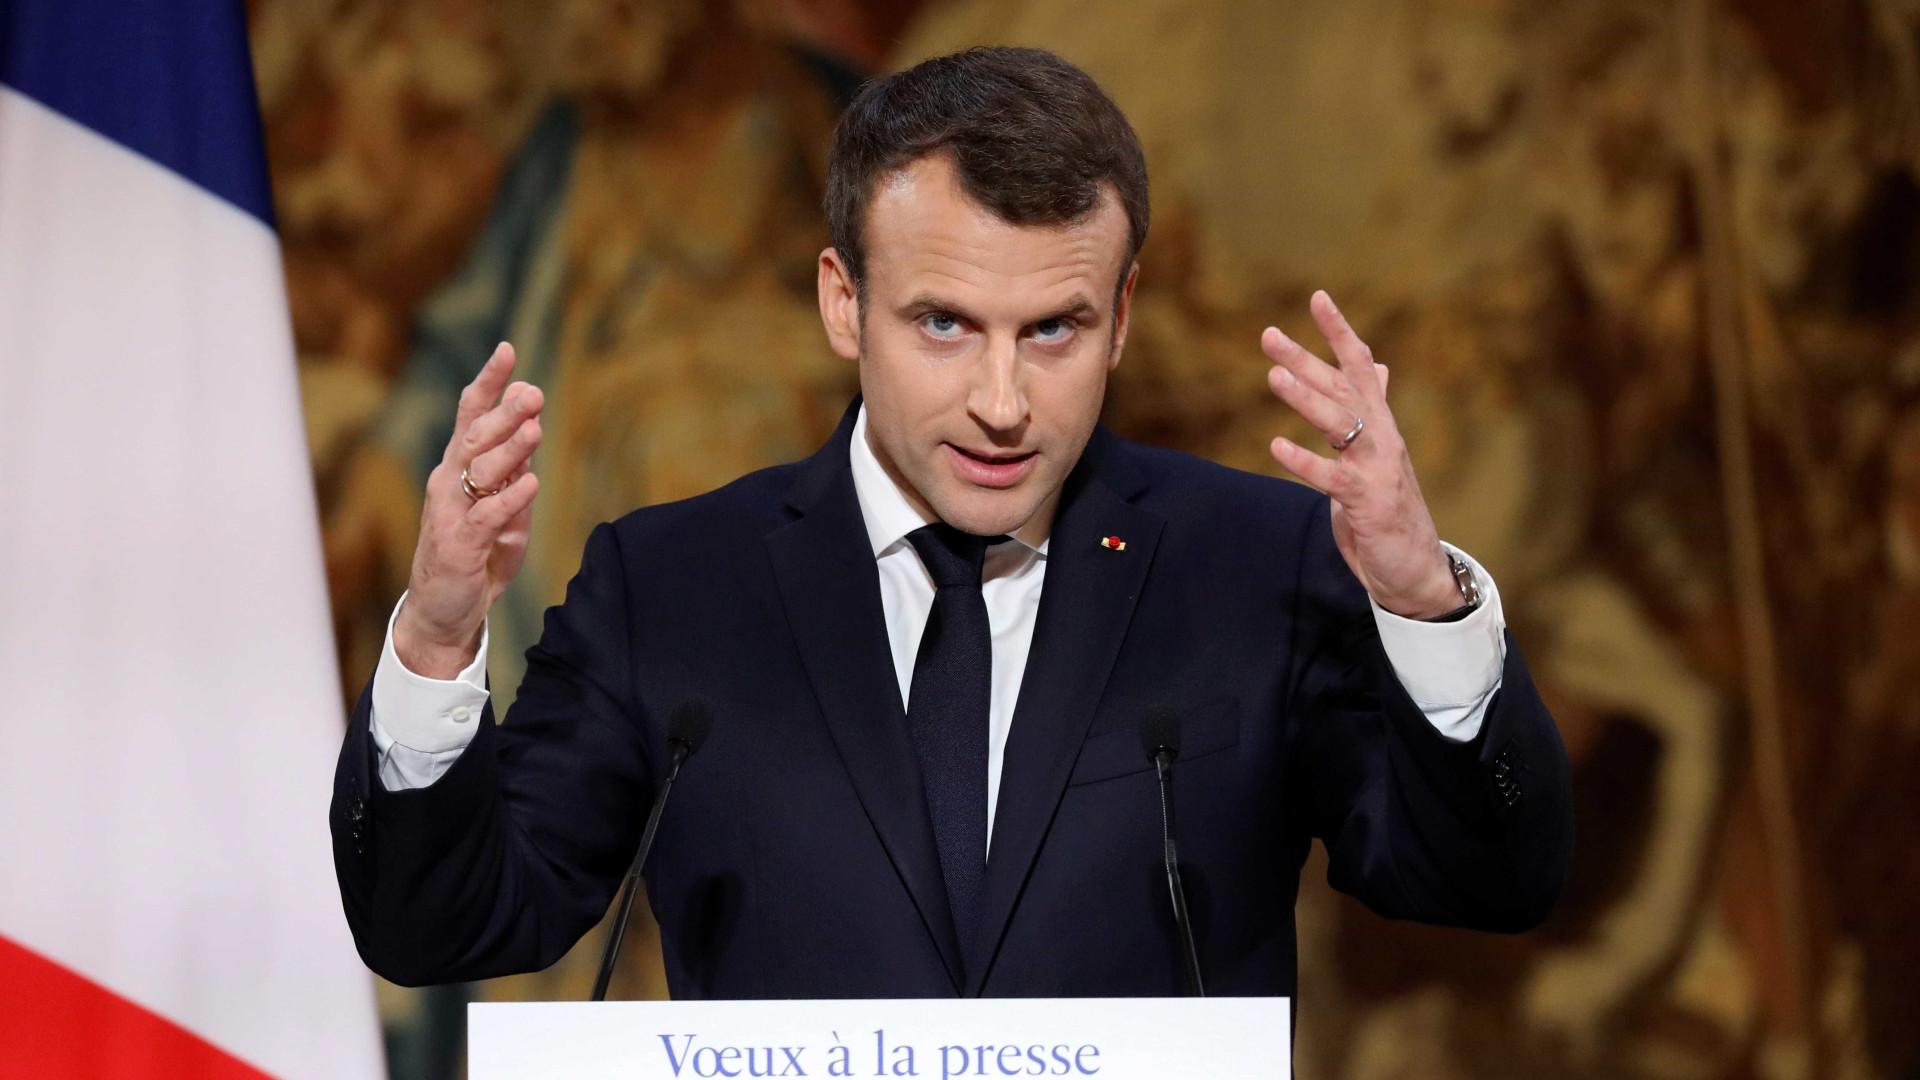 Macron anuncia lei contra dispersão de